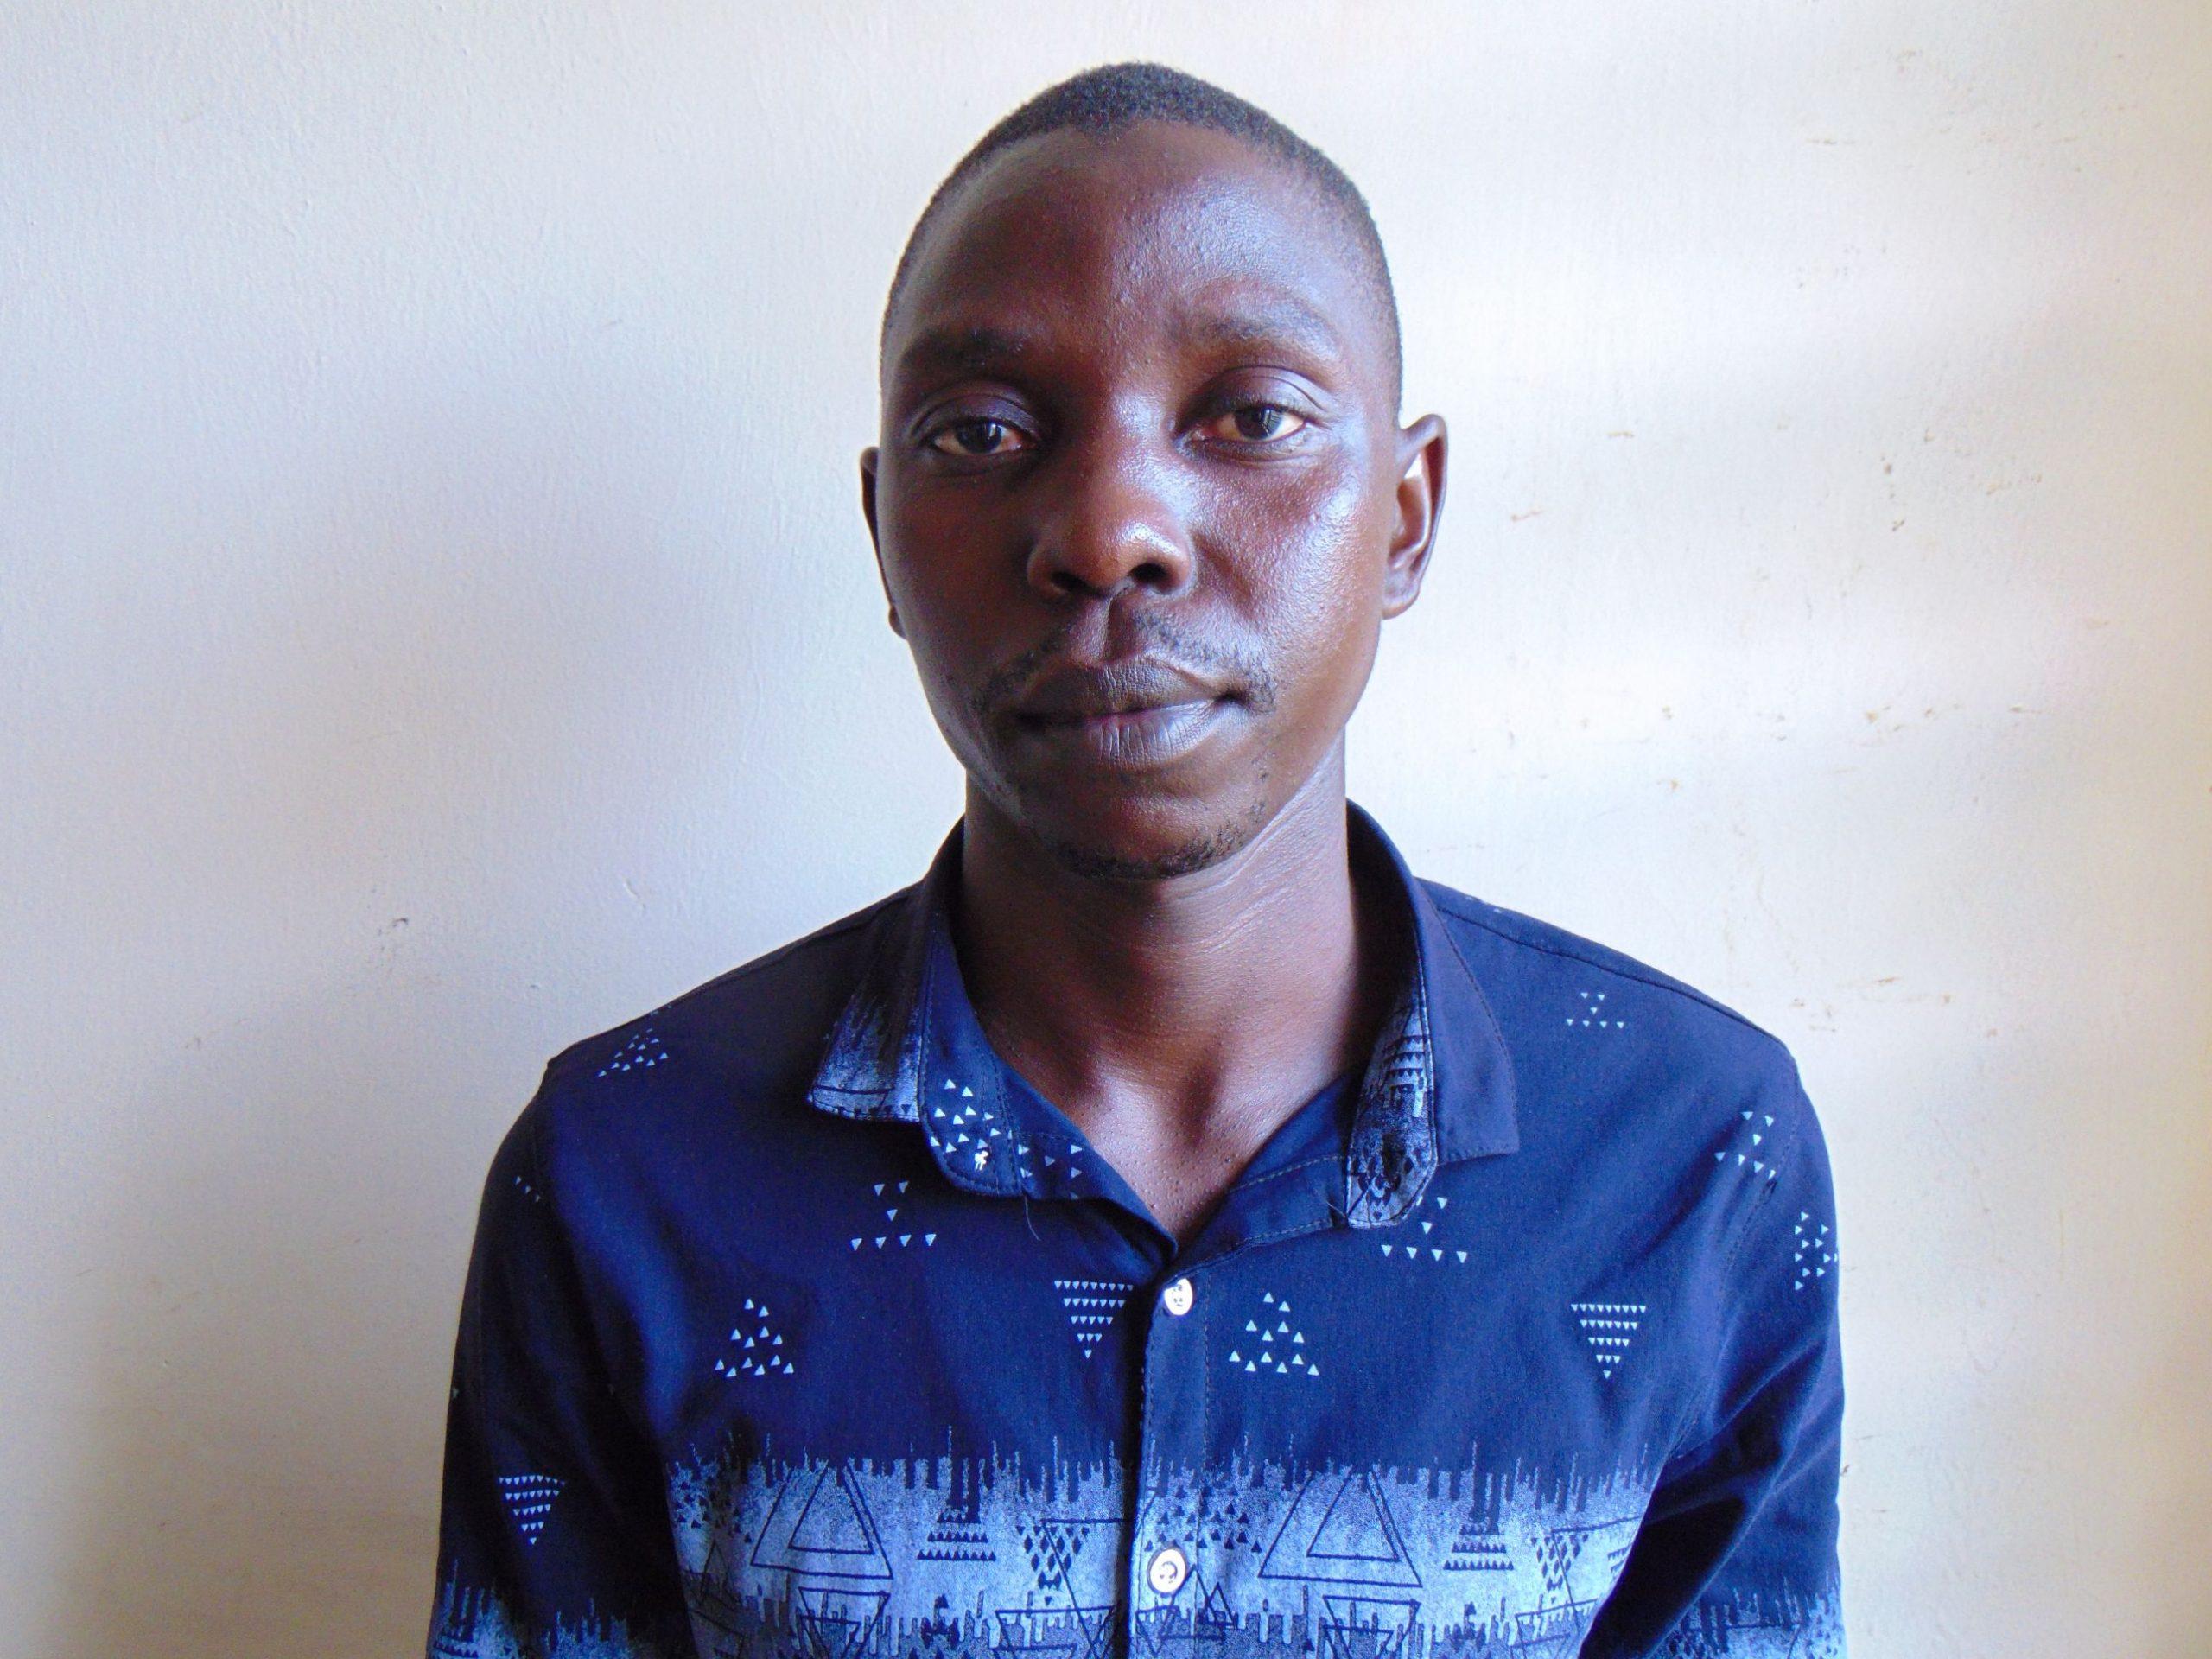 Omari Mwinyi Golo